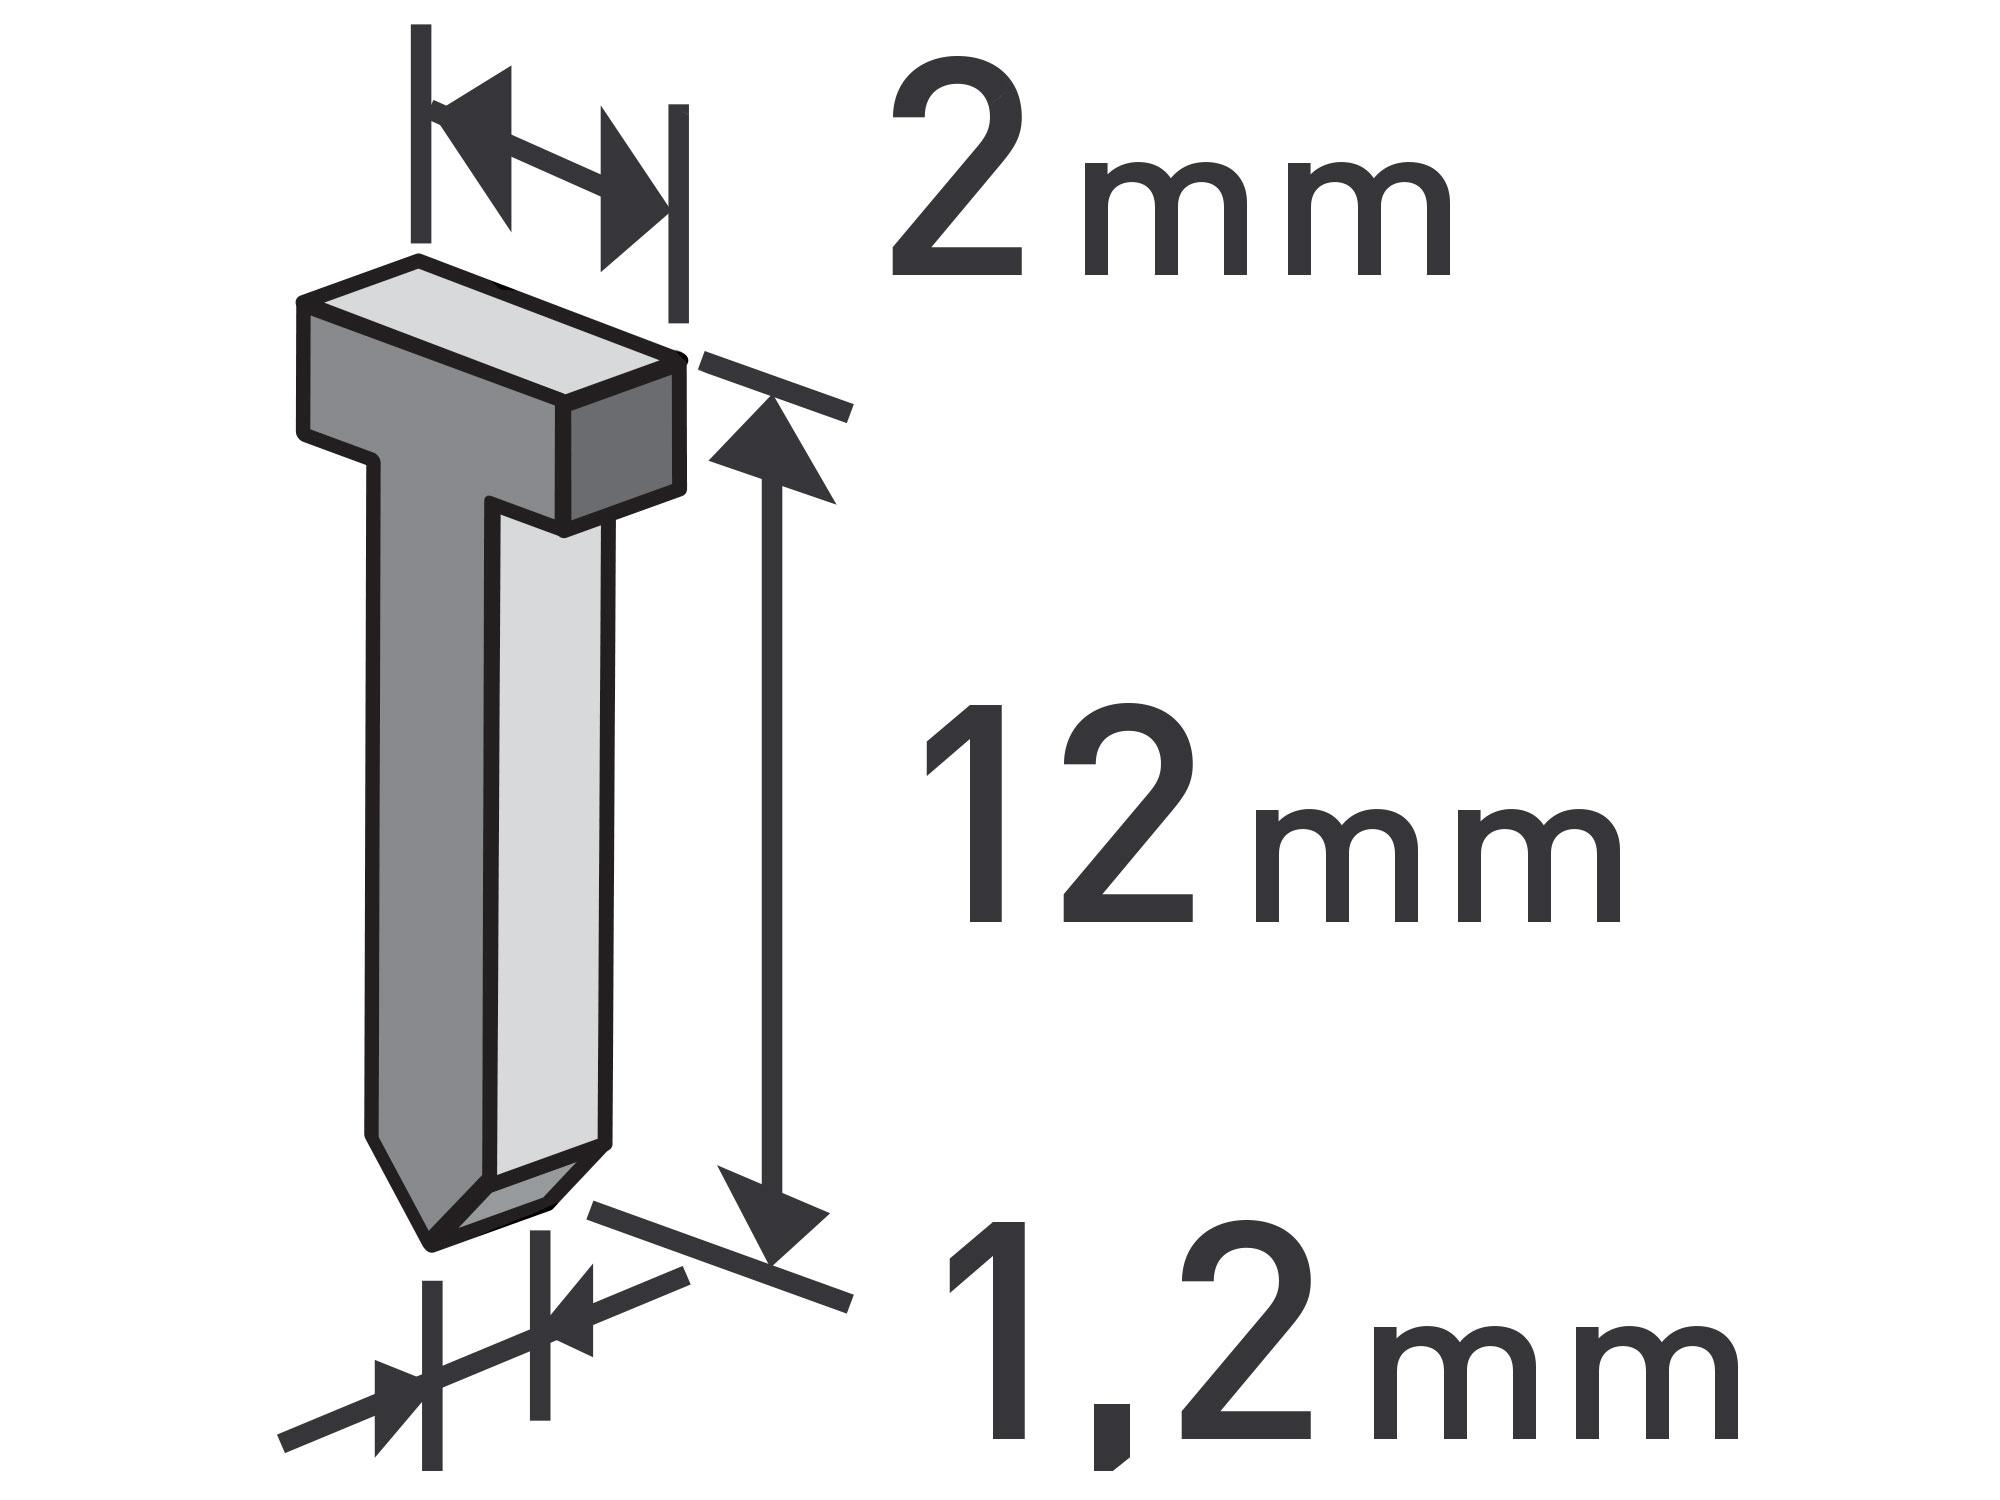 hřebíky, balení 1000ks, 12mm, 2,0x0,52x1,2mm